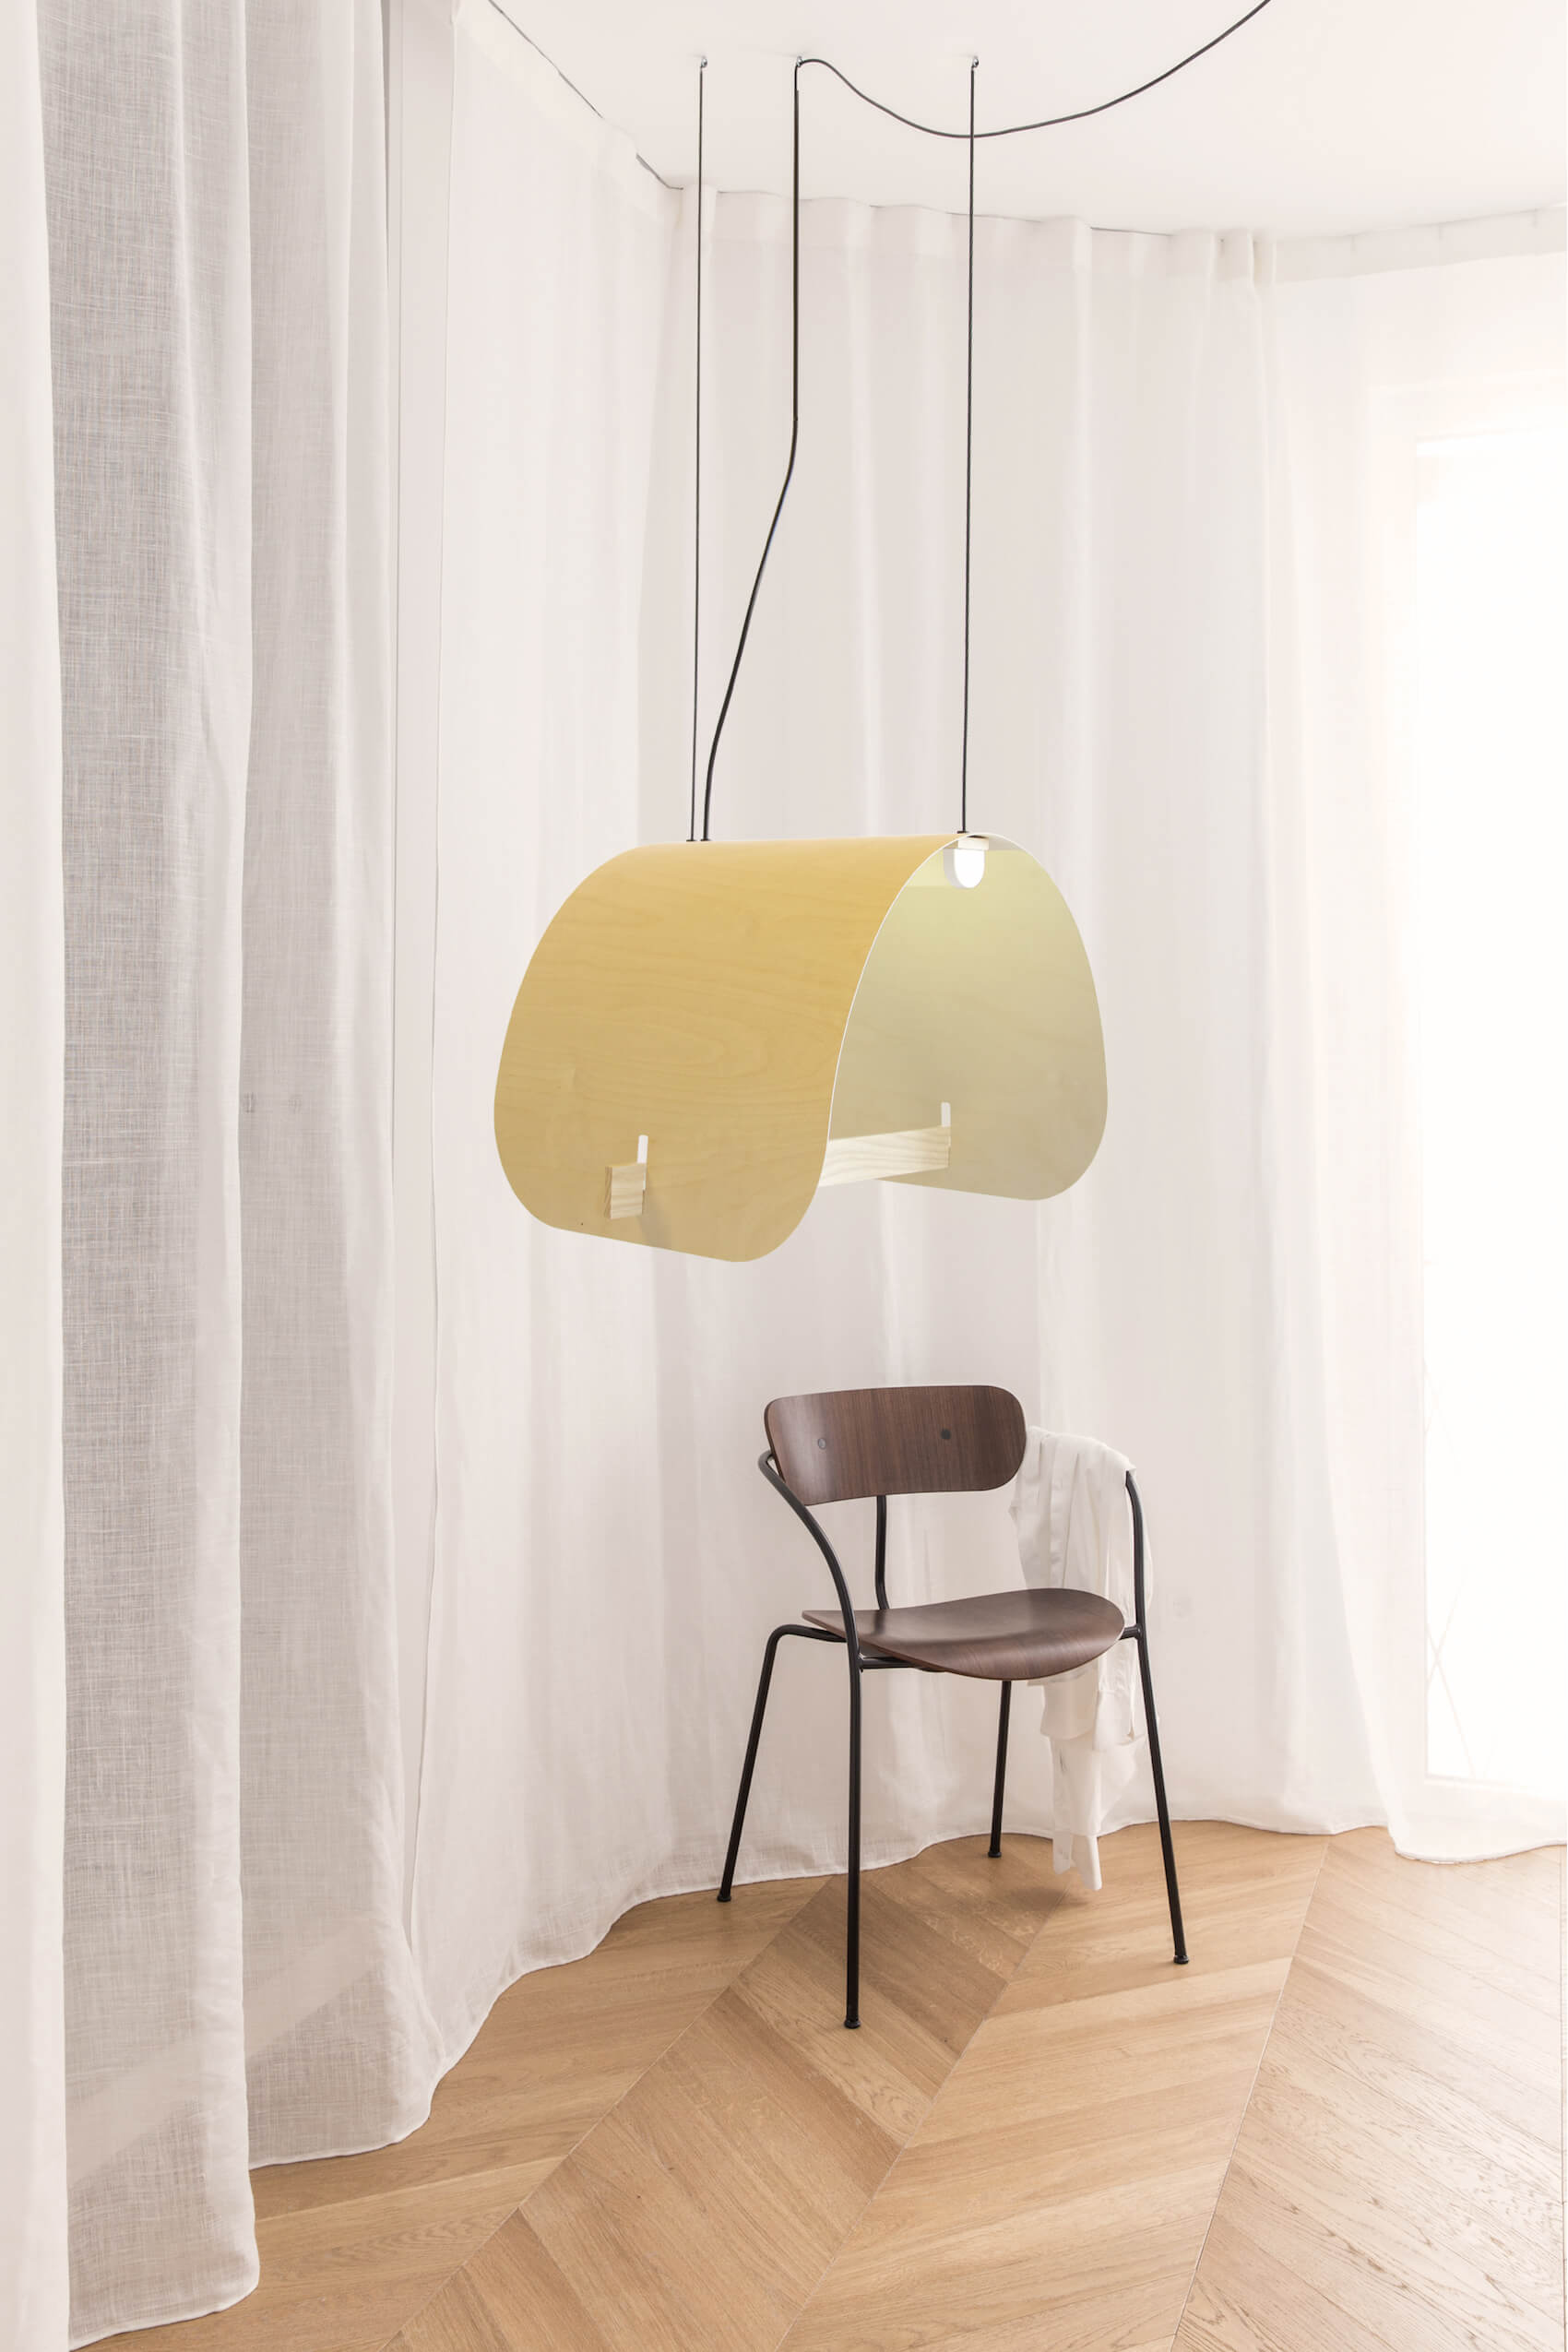 lamp hangt boven een stoel